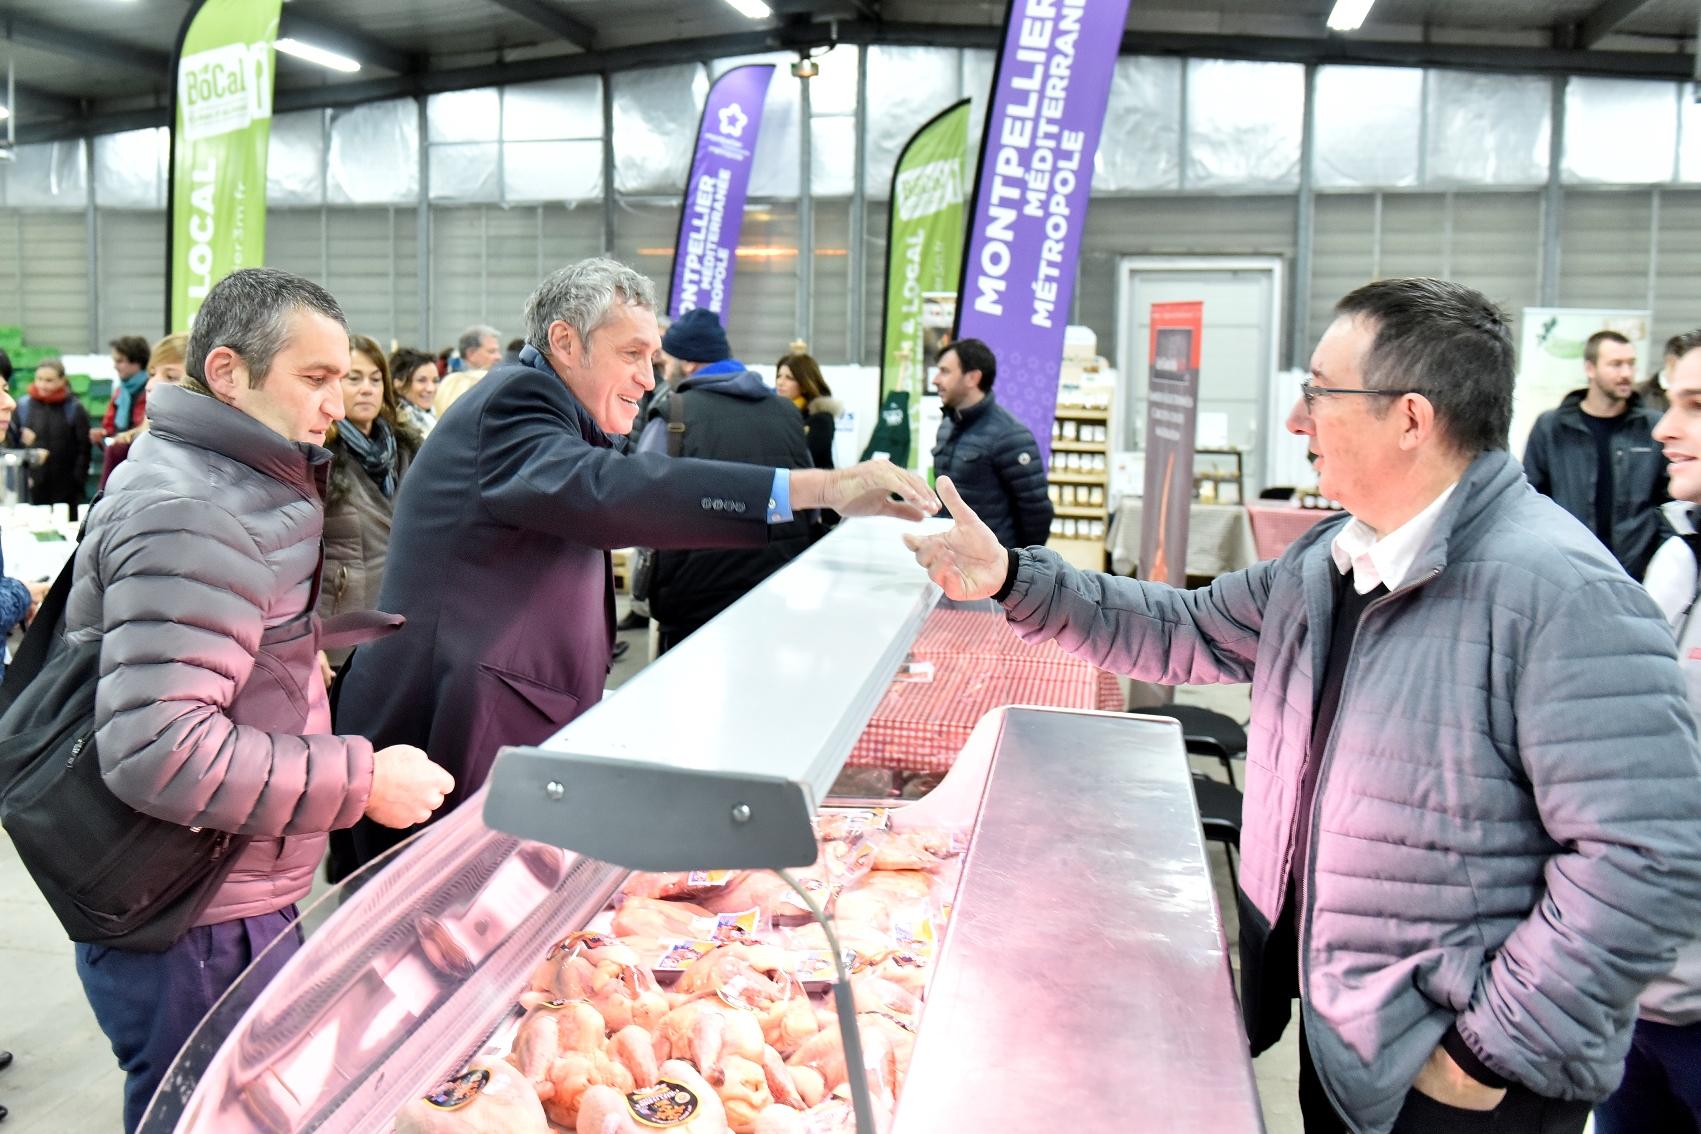 Le carreau des producteurs « Bio & Local » de Mercadis a été inauguré